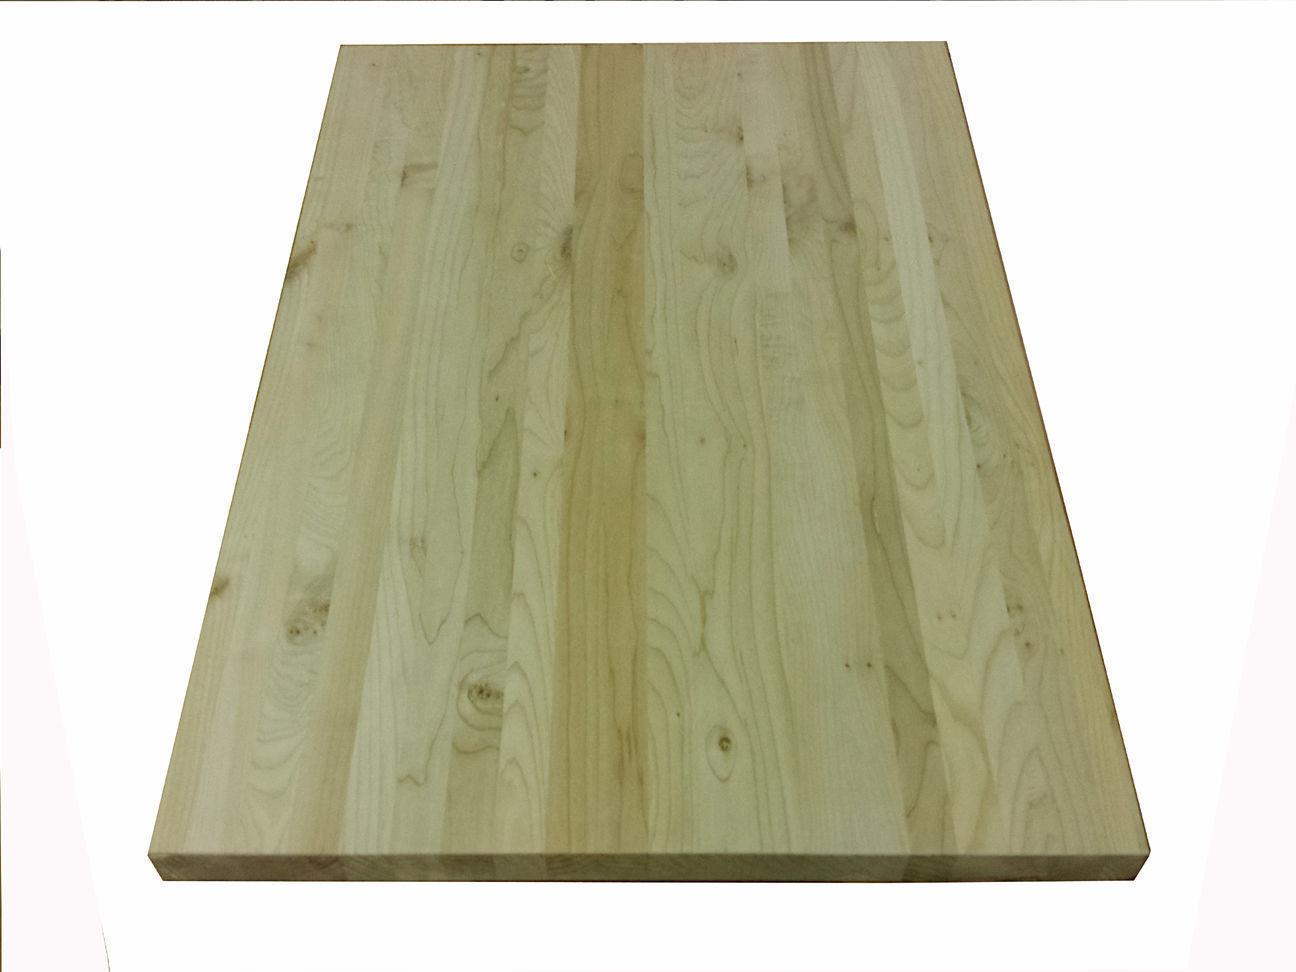 Massivholzplatten Fur Holzindustrie Handwerk Gunstig Kaufen Ebay